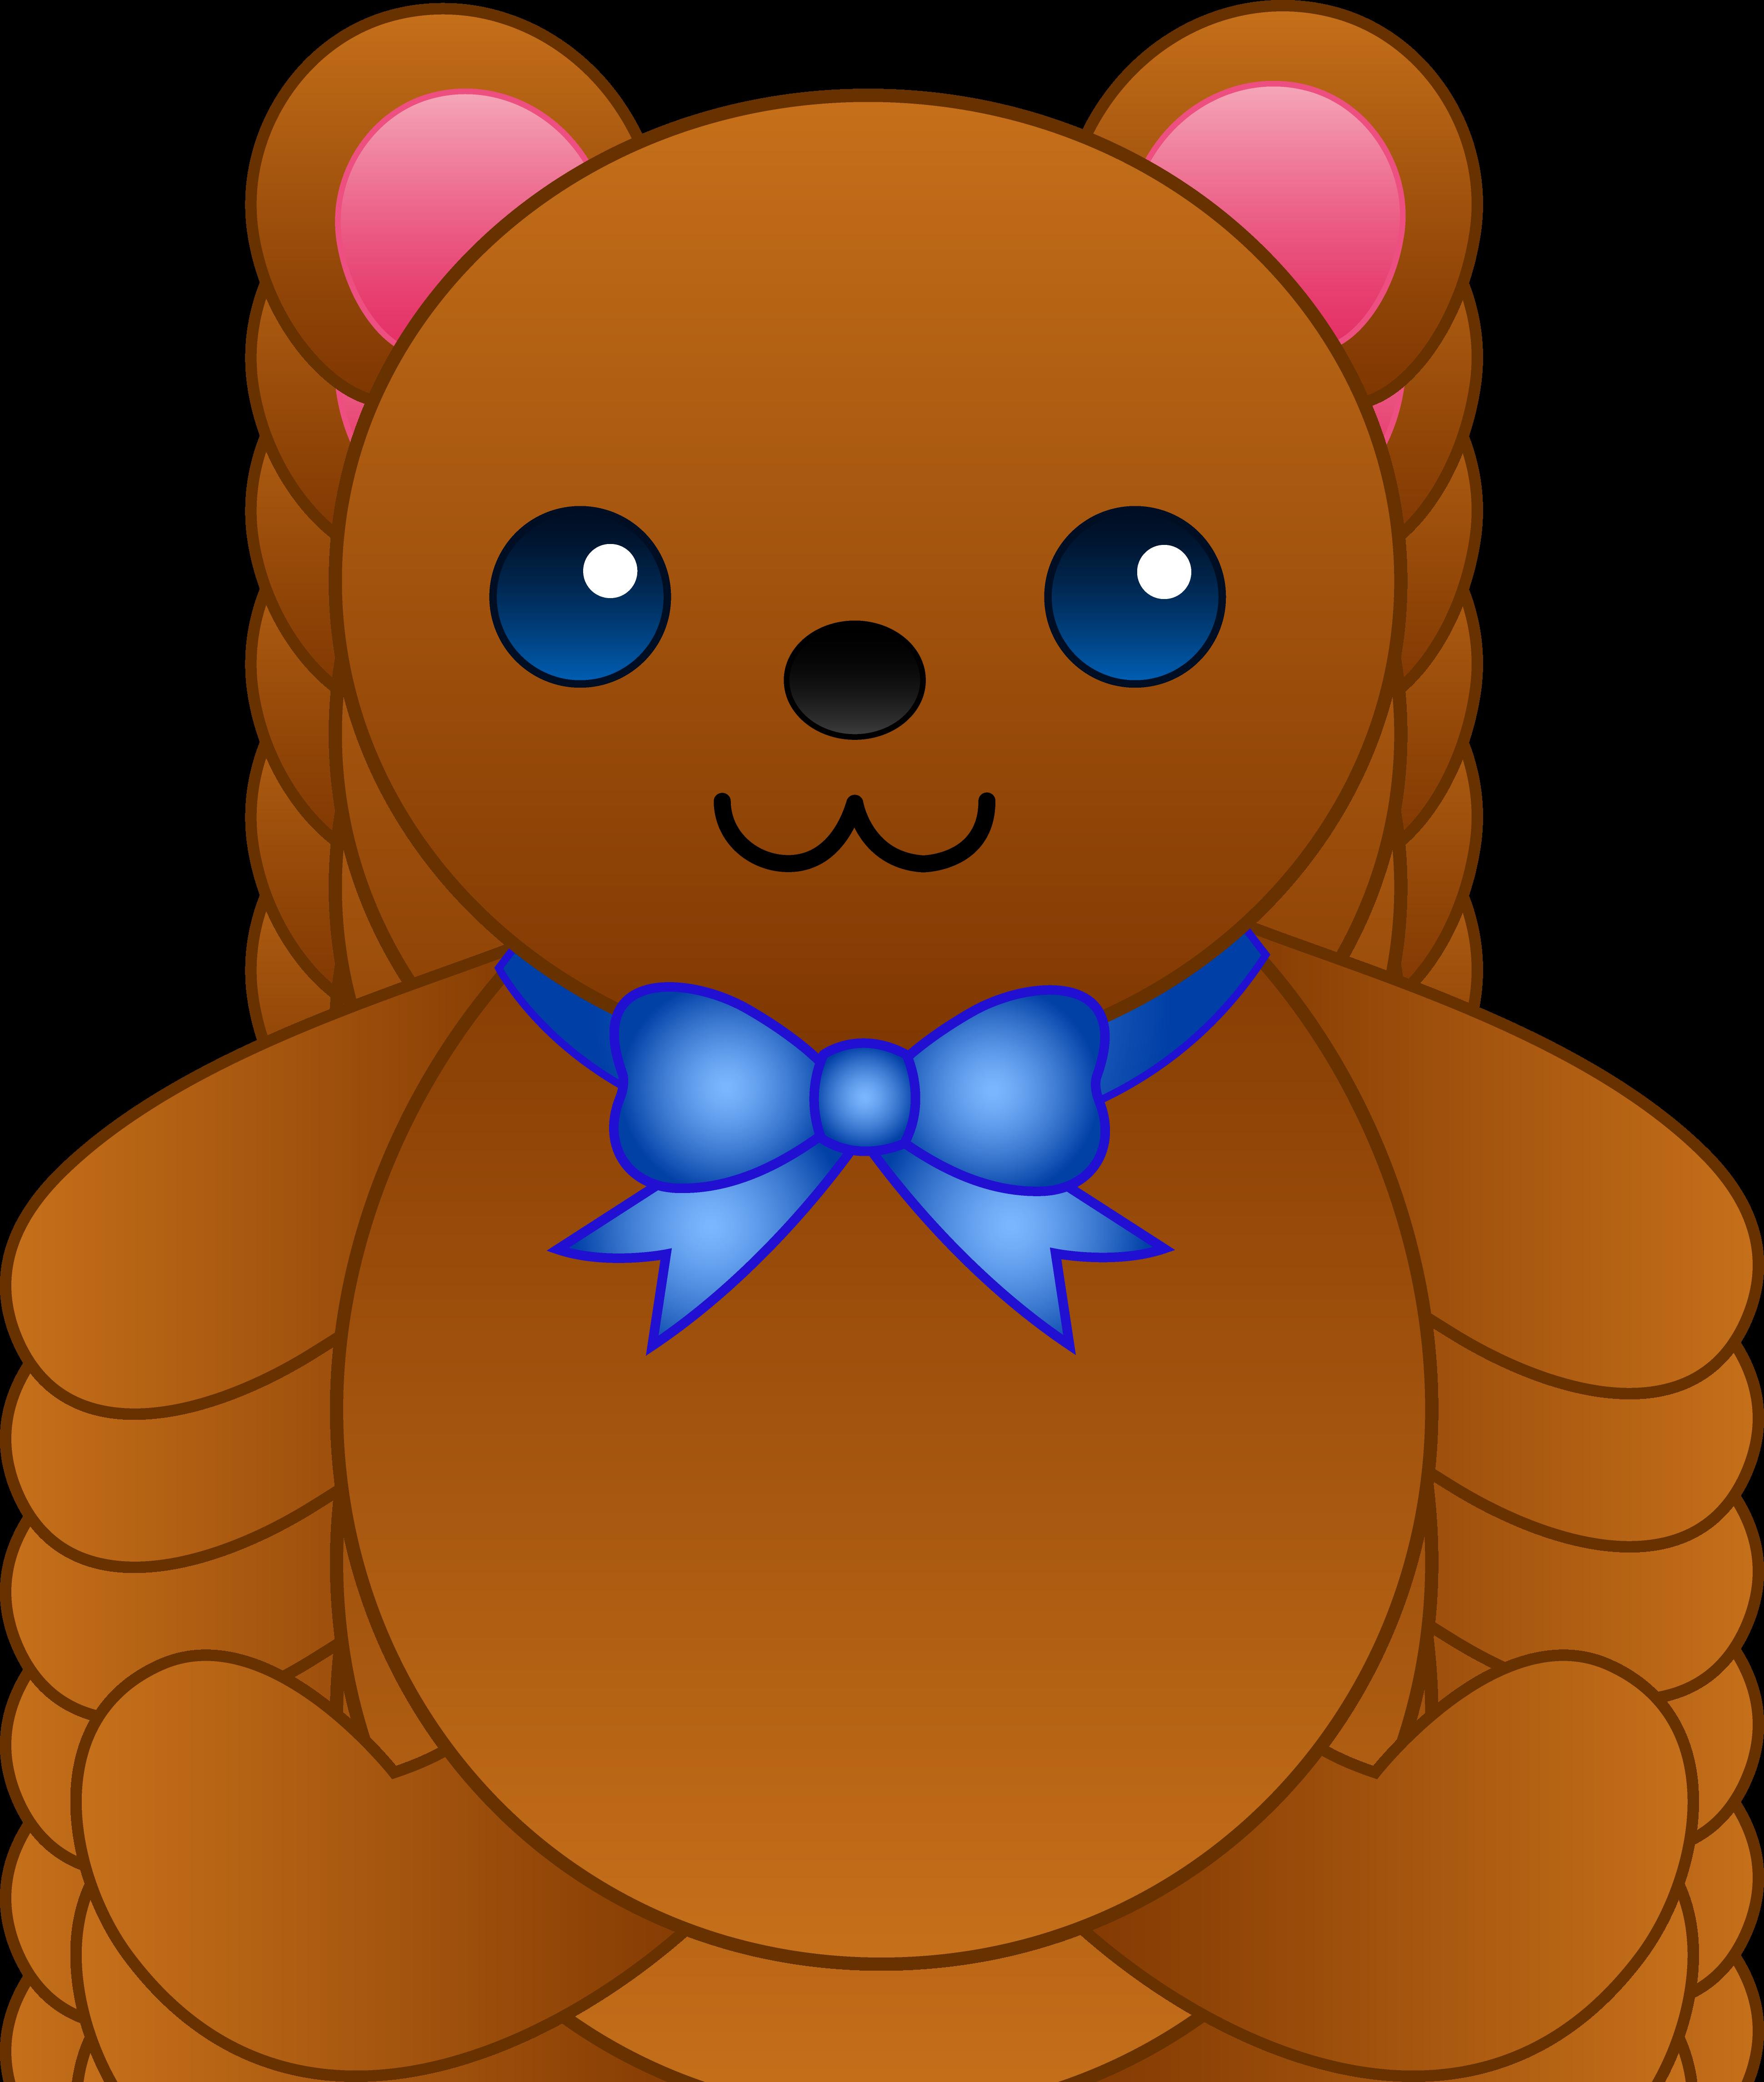 Bear Teddy Cartoon - ClipArt Best